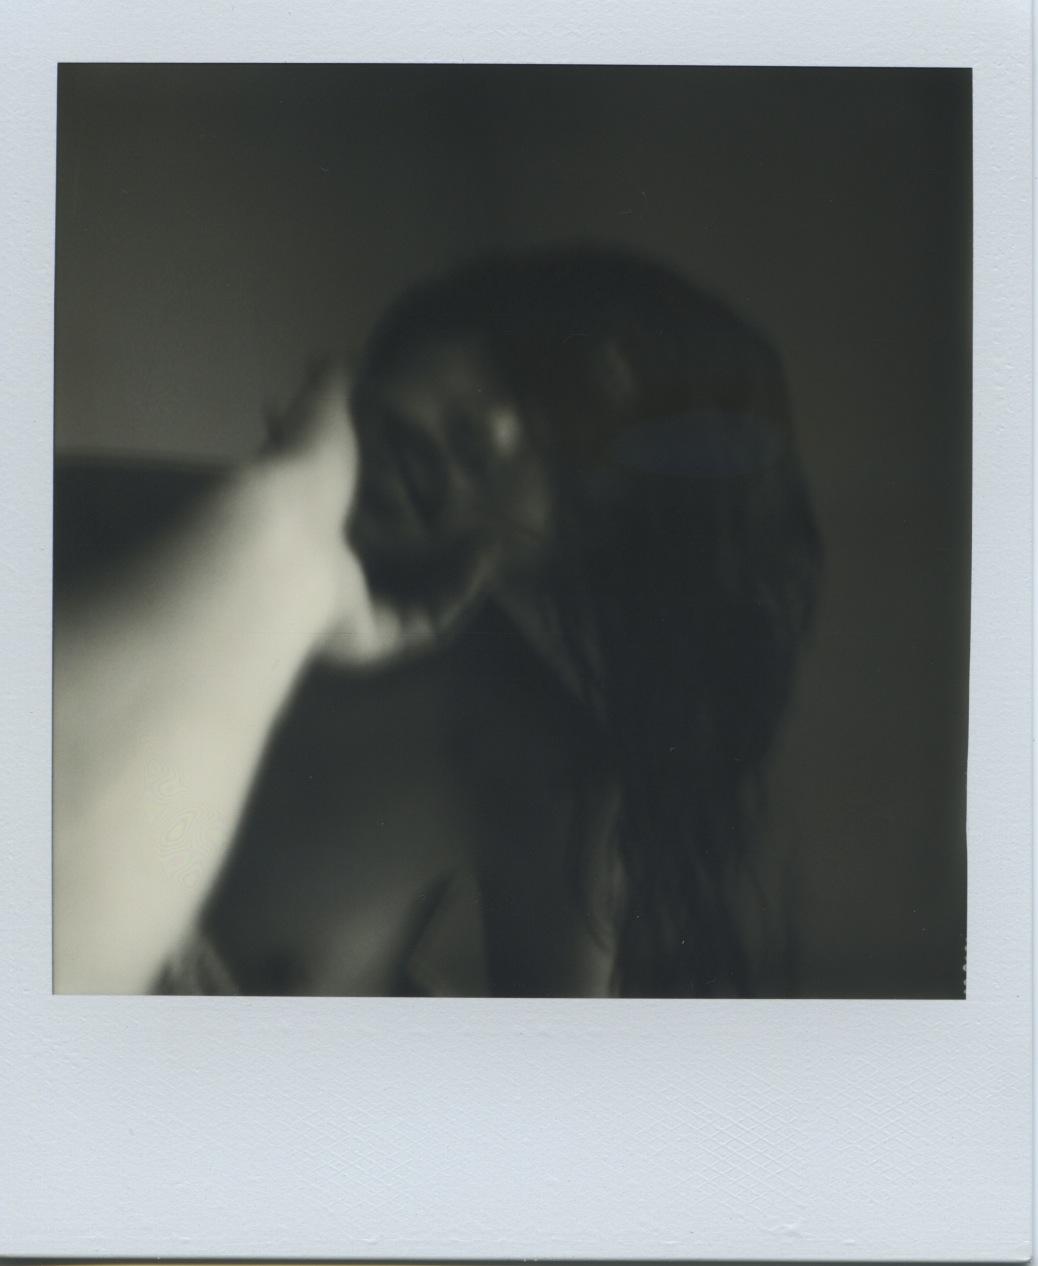 003_scan_38a.jpeg